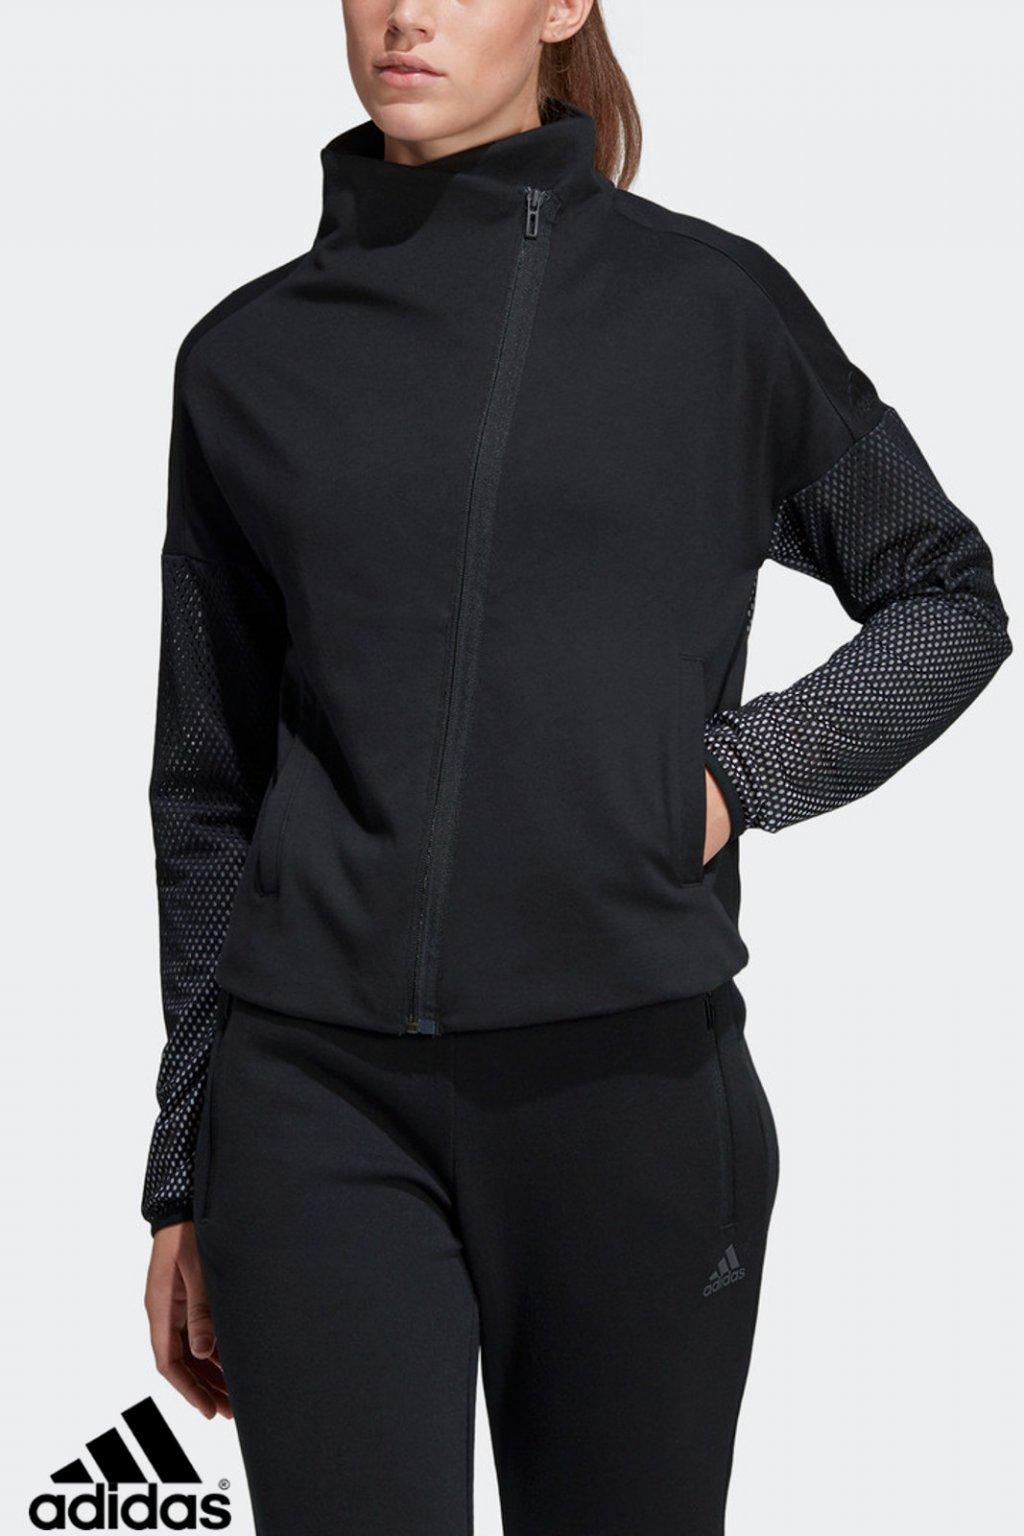 dp3915 adidas women heartracer summer jacket (1)